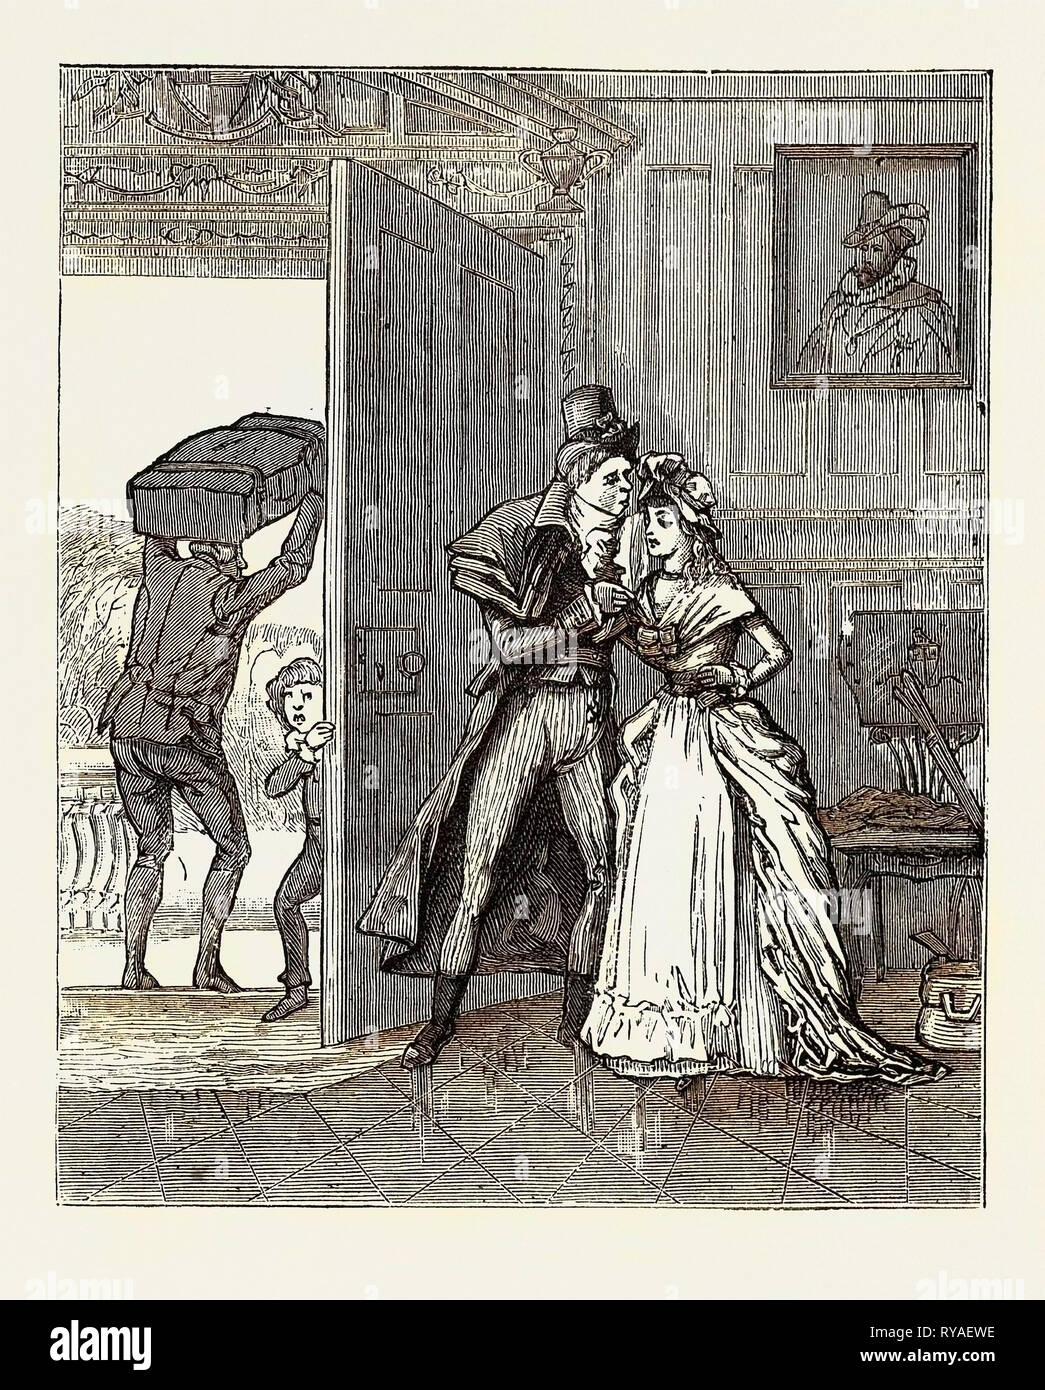 Cómo me uní al ciento-y-50º, reminiscencia del siglo XVIII: triste despedida con primo Louisa Imagen De Stock